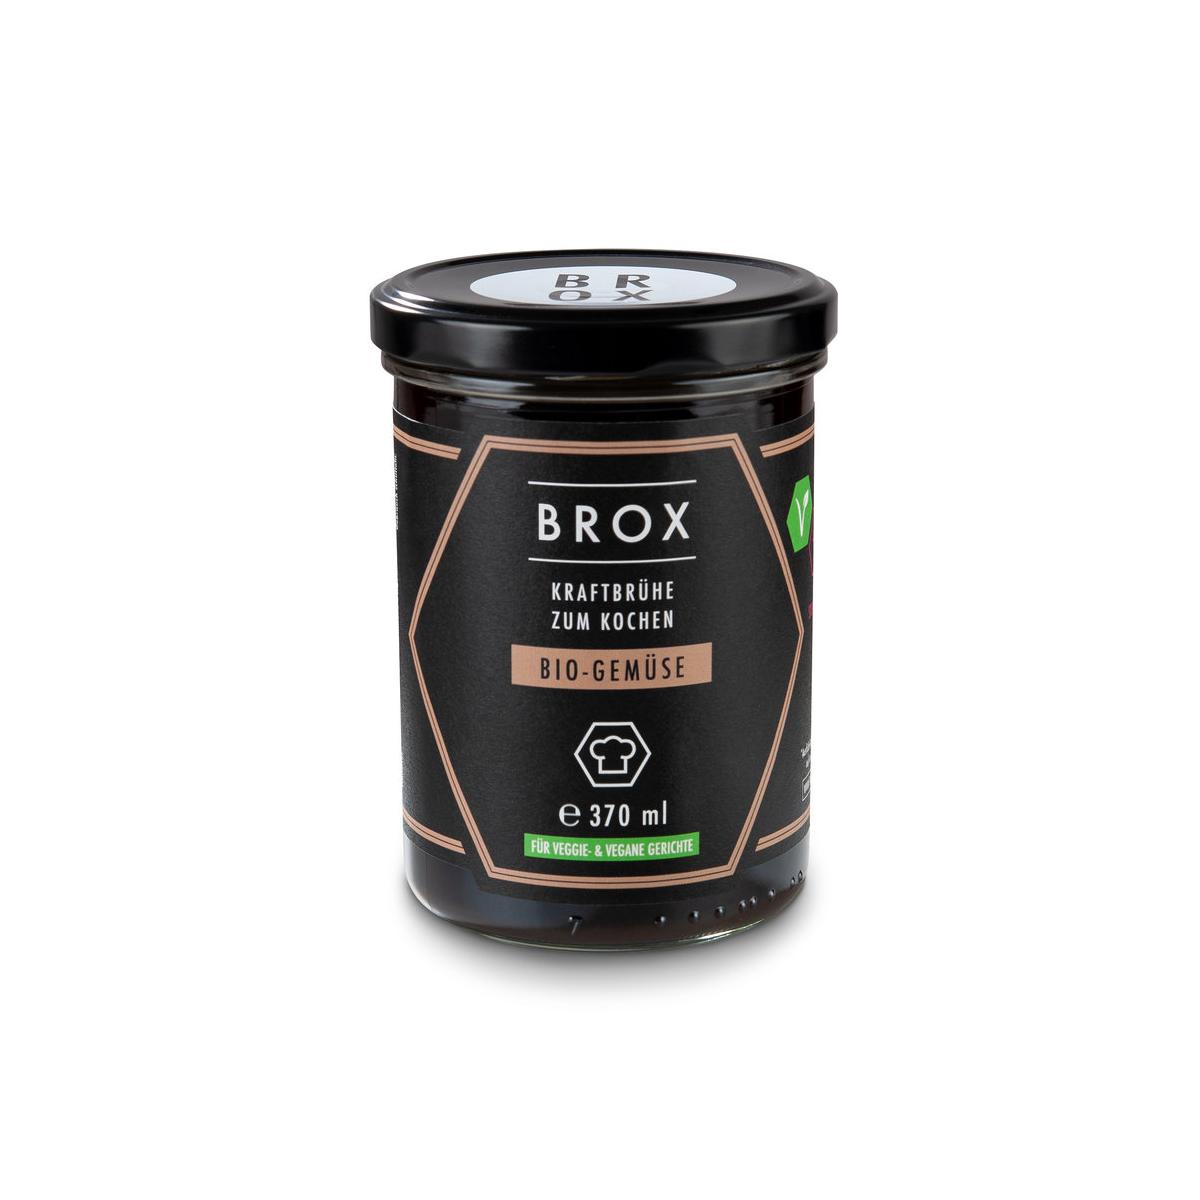 BROX Bio Gemüse Kraftbrühe